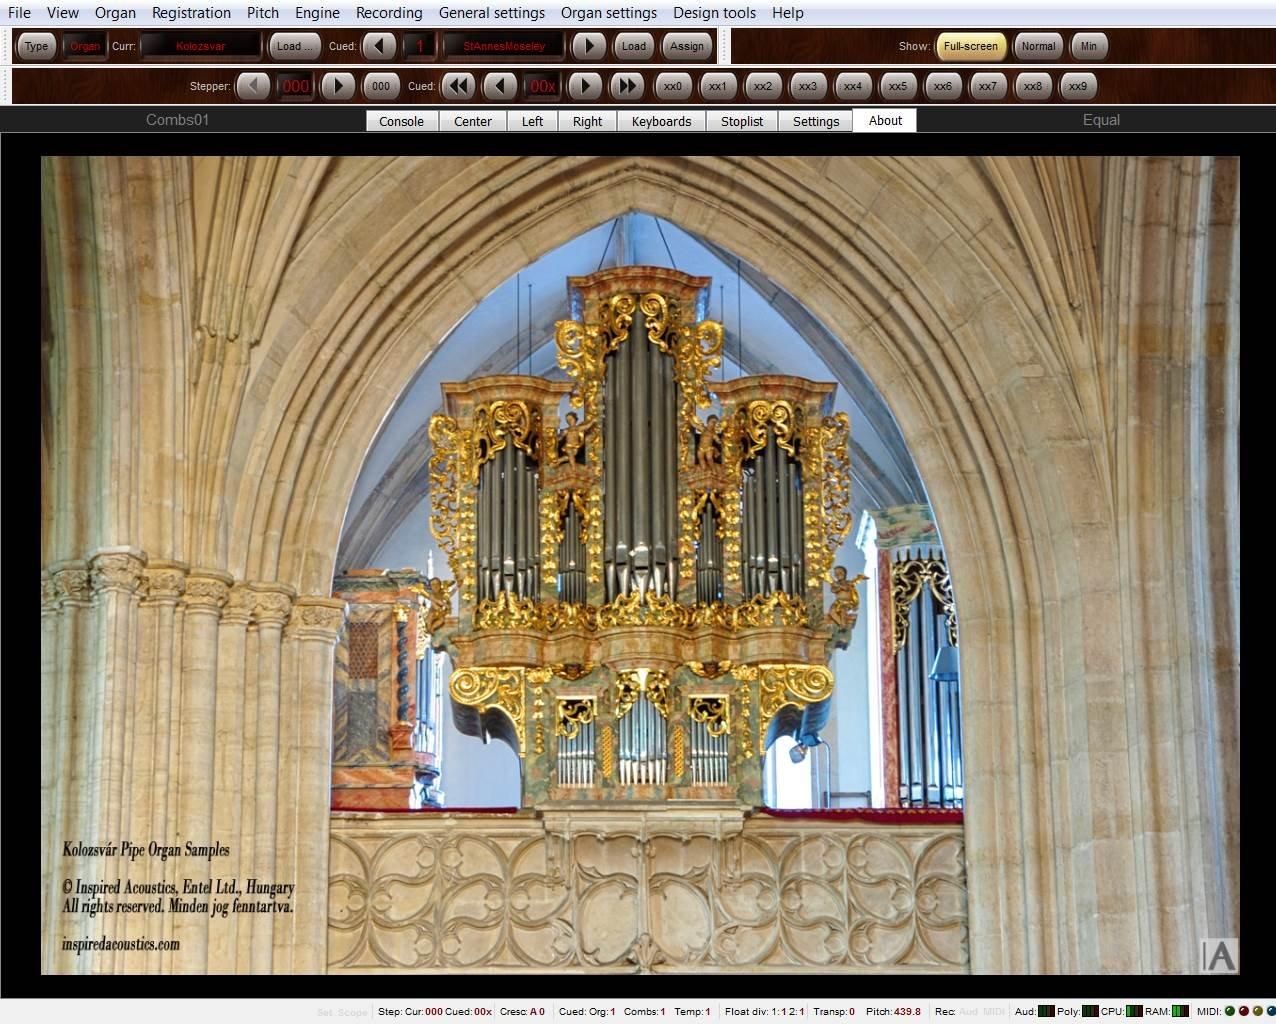 ... Principal de Órgano Sample Juego kolozsvar Personel Edition de Inspired - Acoustics - En Medio De Alquiler Se envía.: Amazon.es: Instrumentos musicales